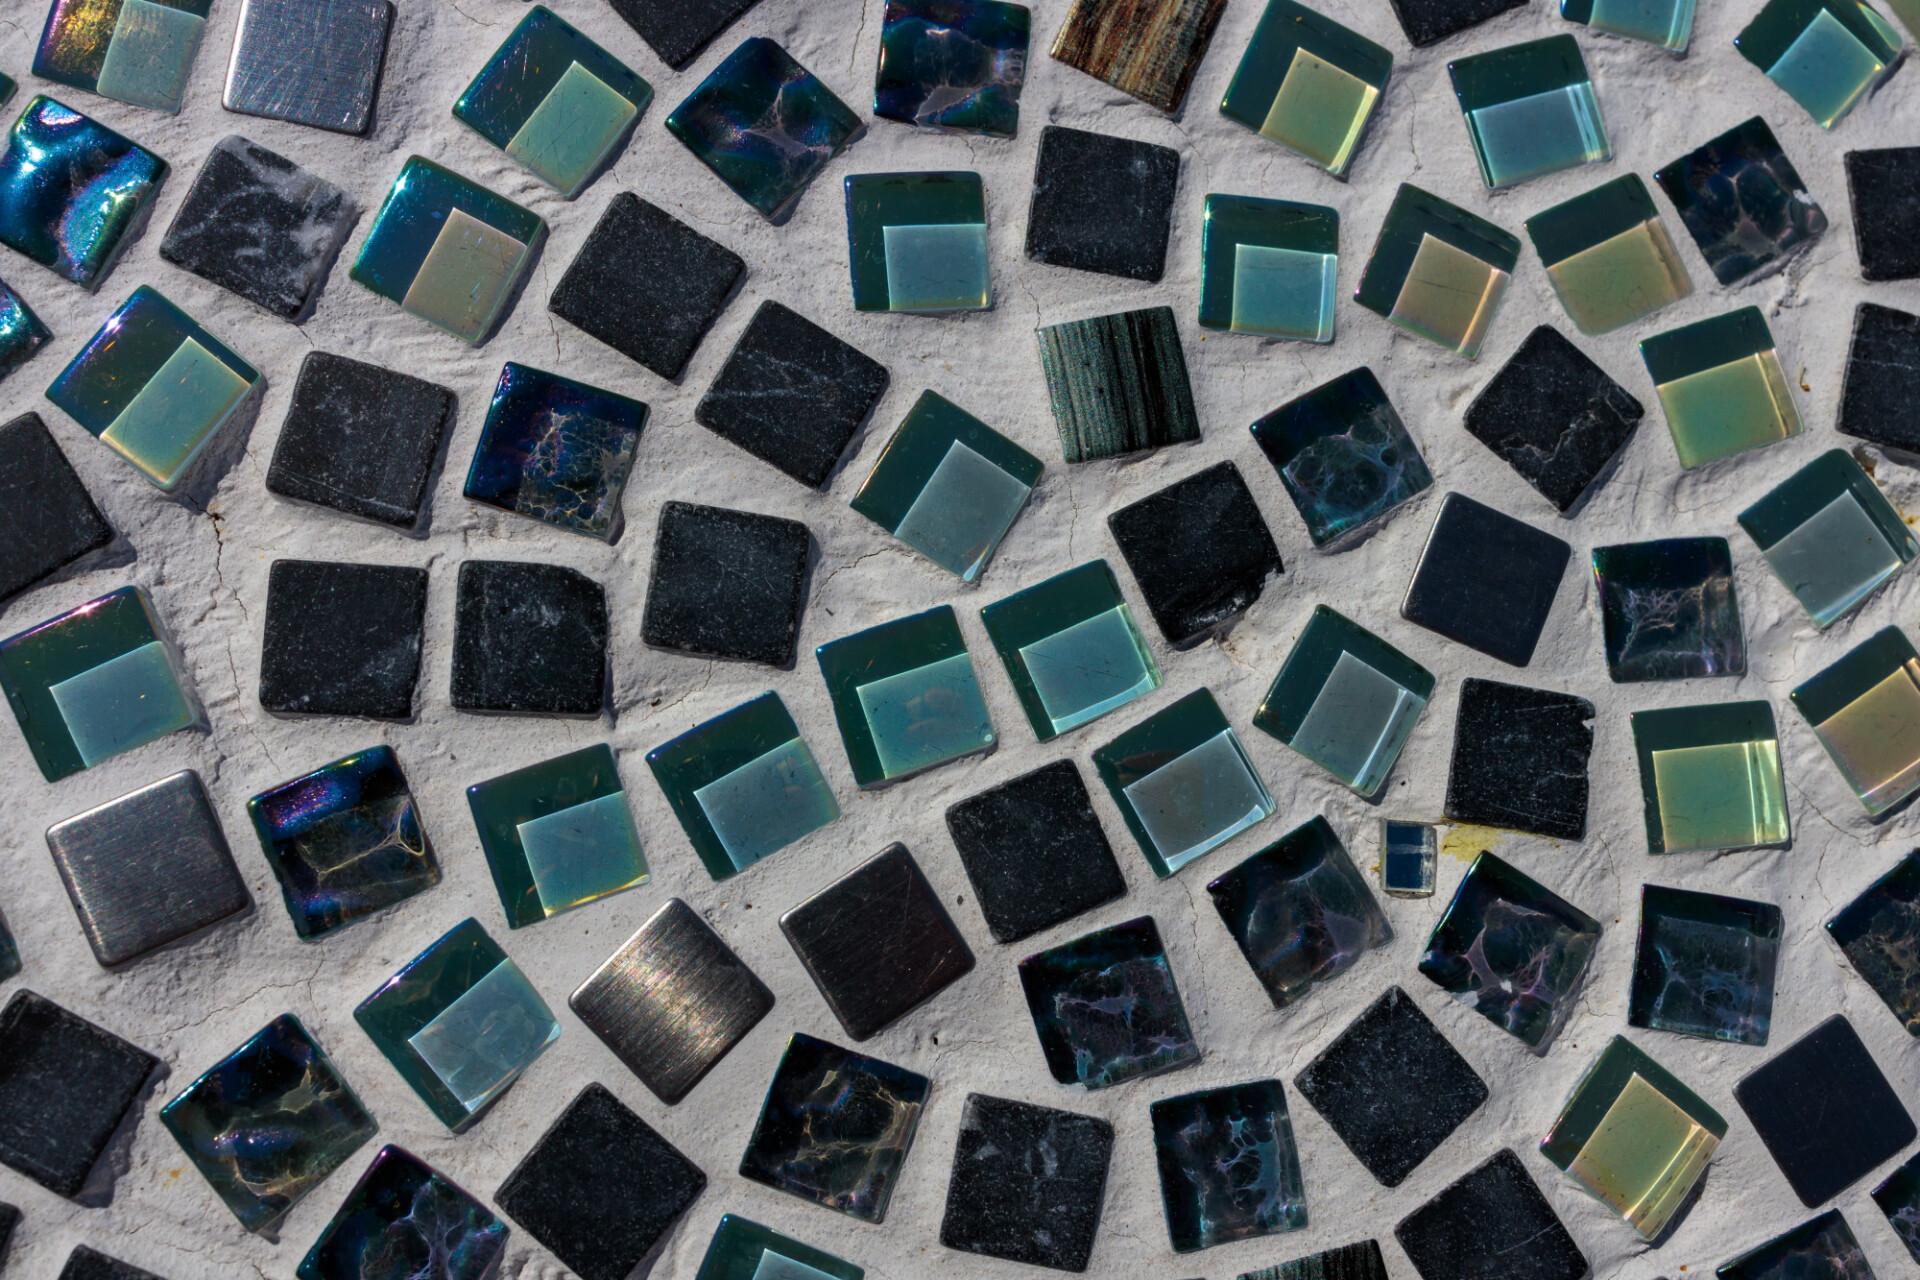 Mosaic tile chip texture